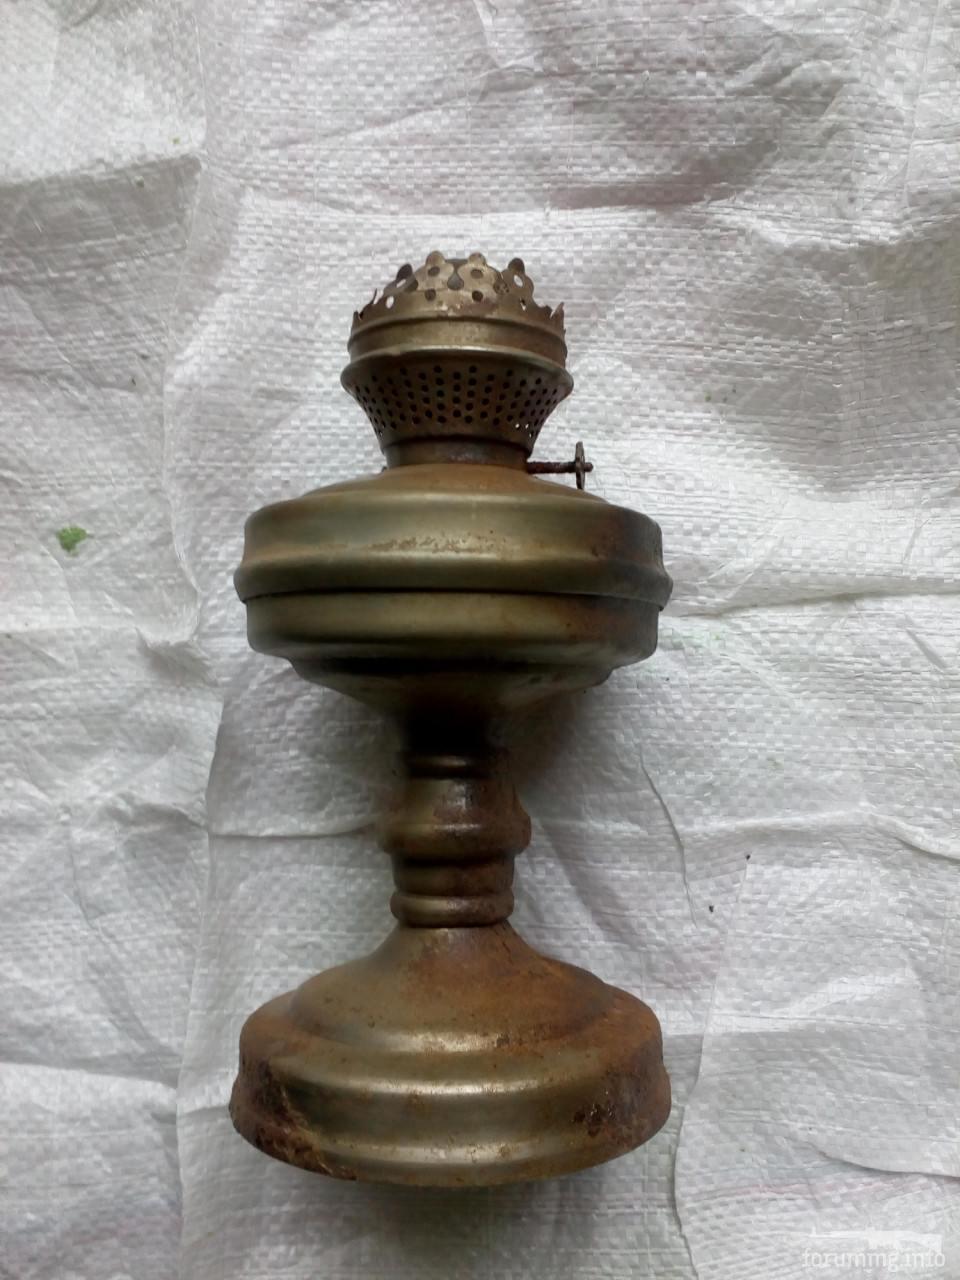 121360 - Керосиновая лампа